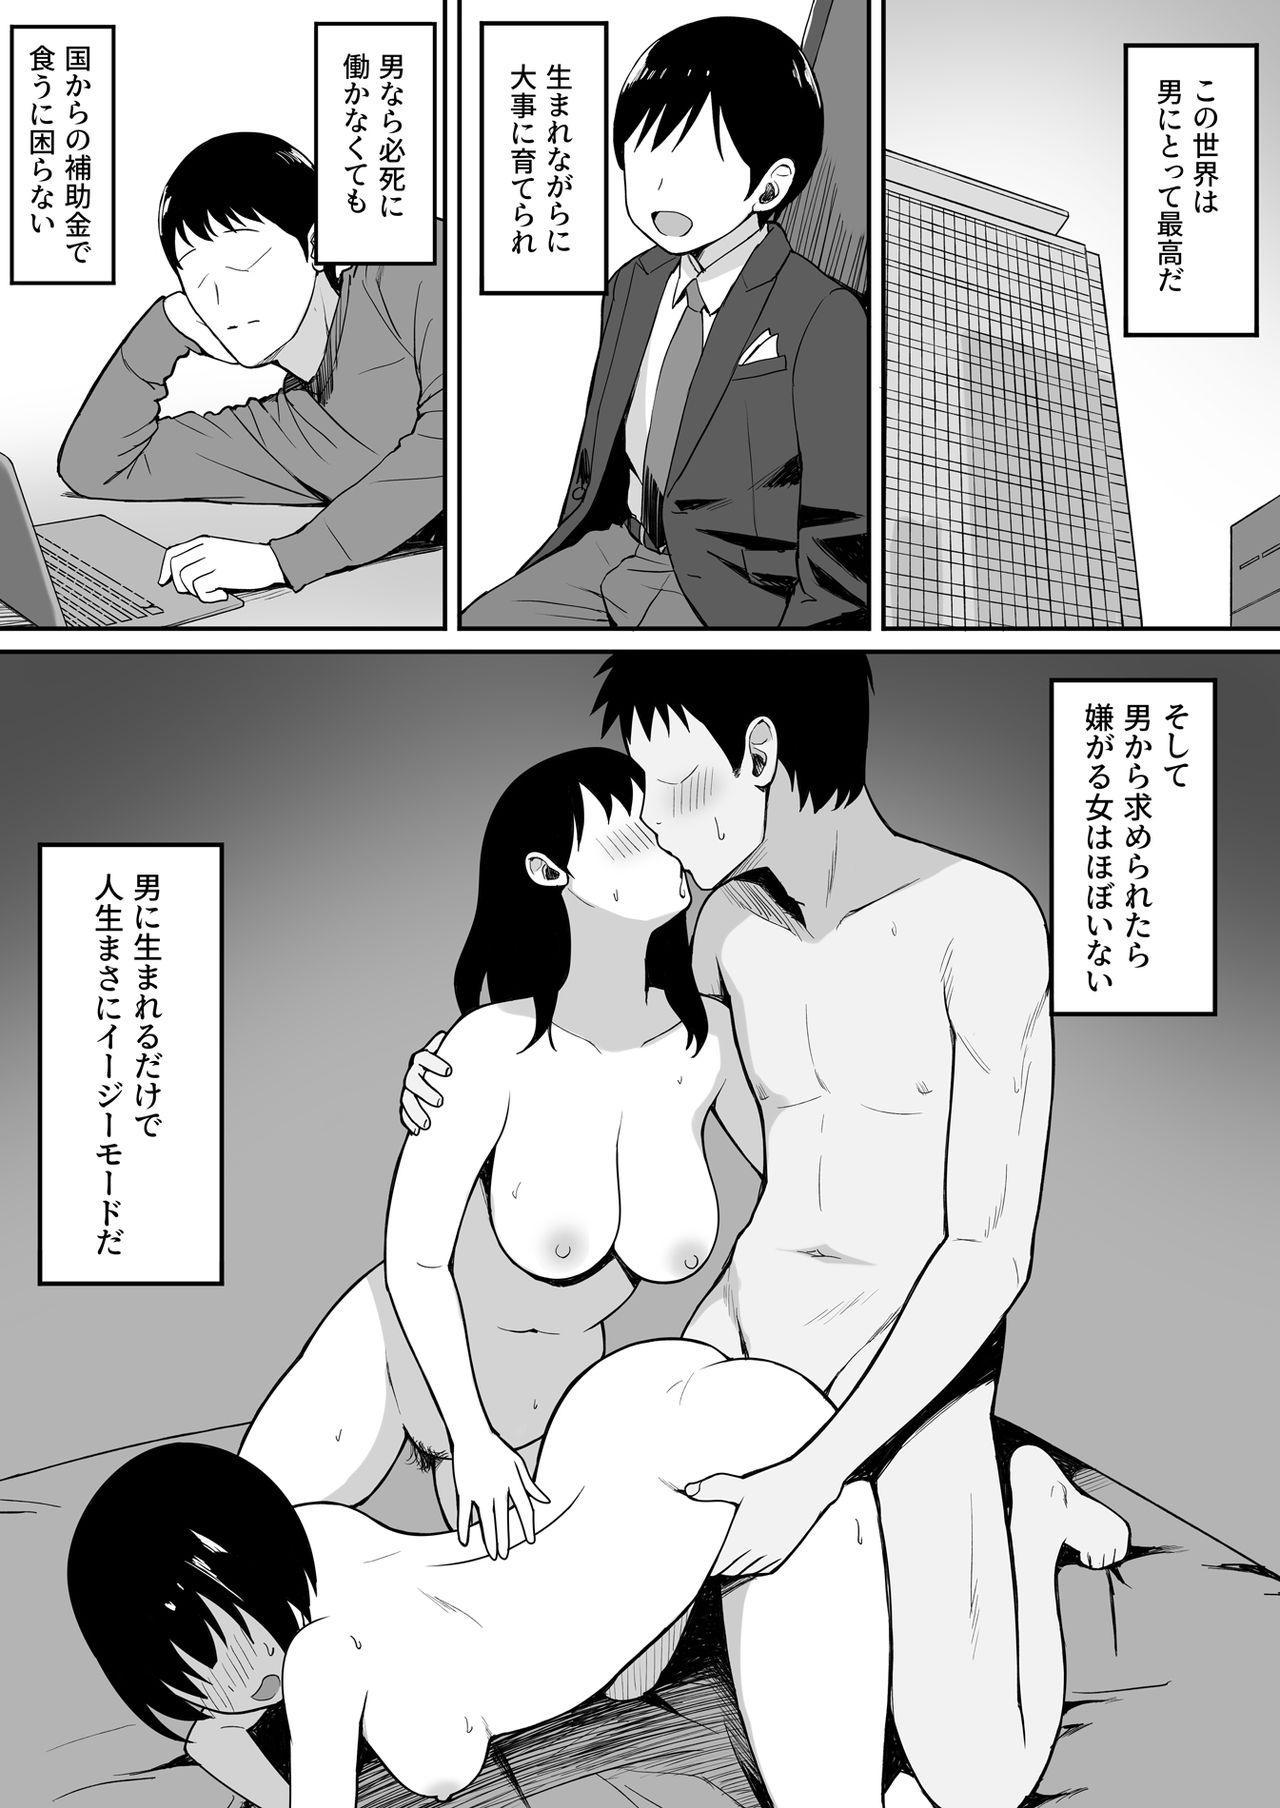 Otoko no Kazu ga 10-bun no 1 ni Natta Sekai de Shitai Houdai 52